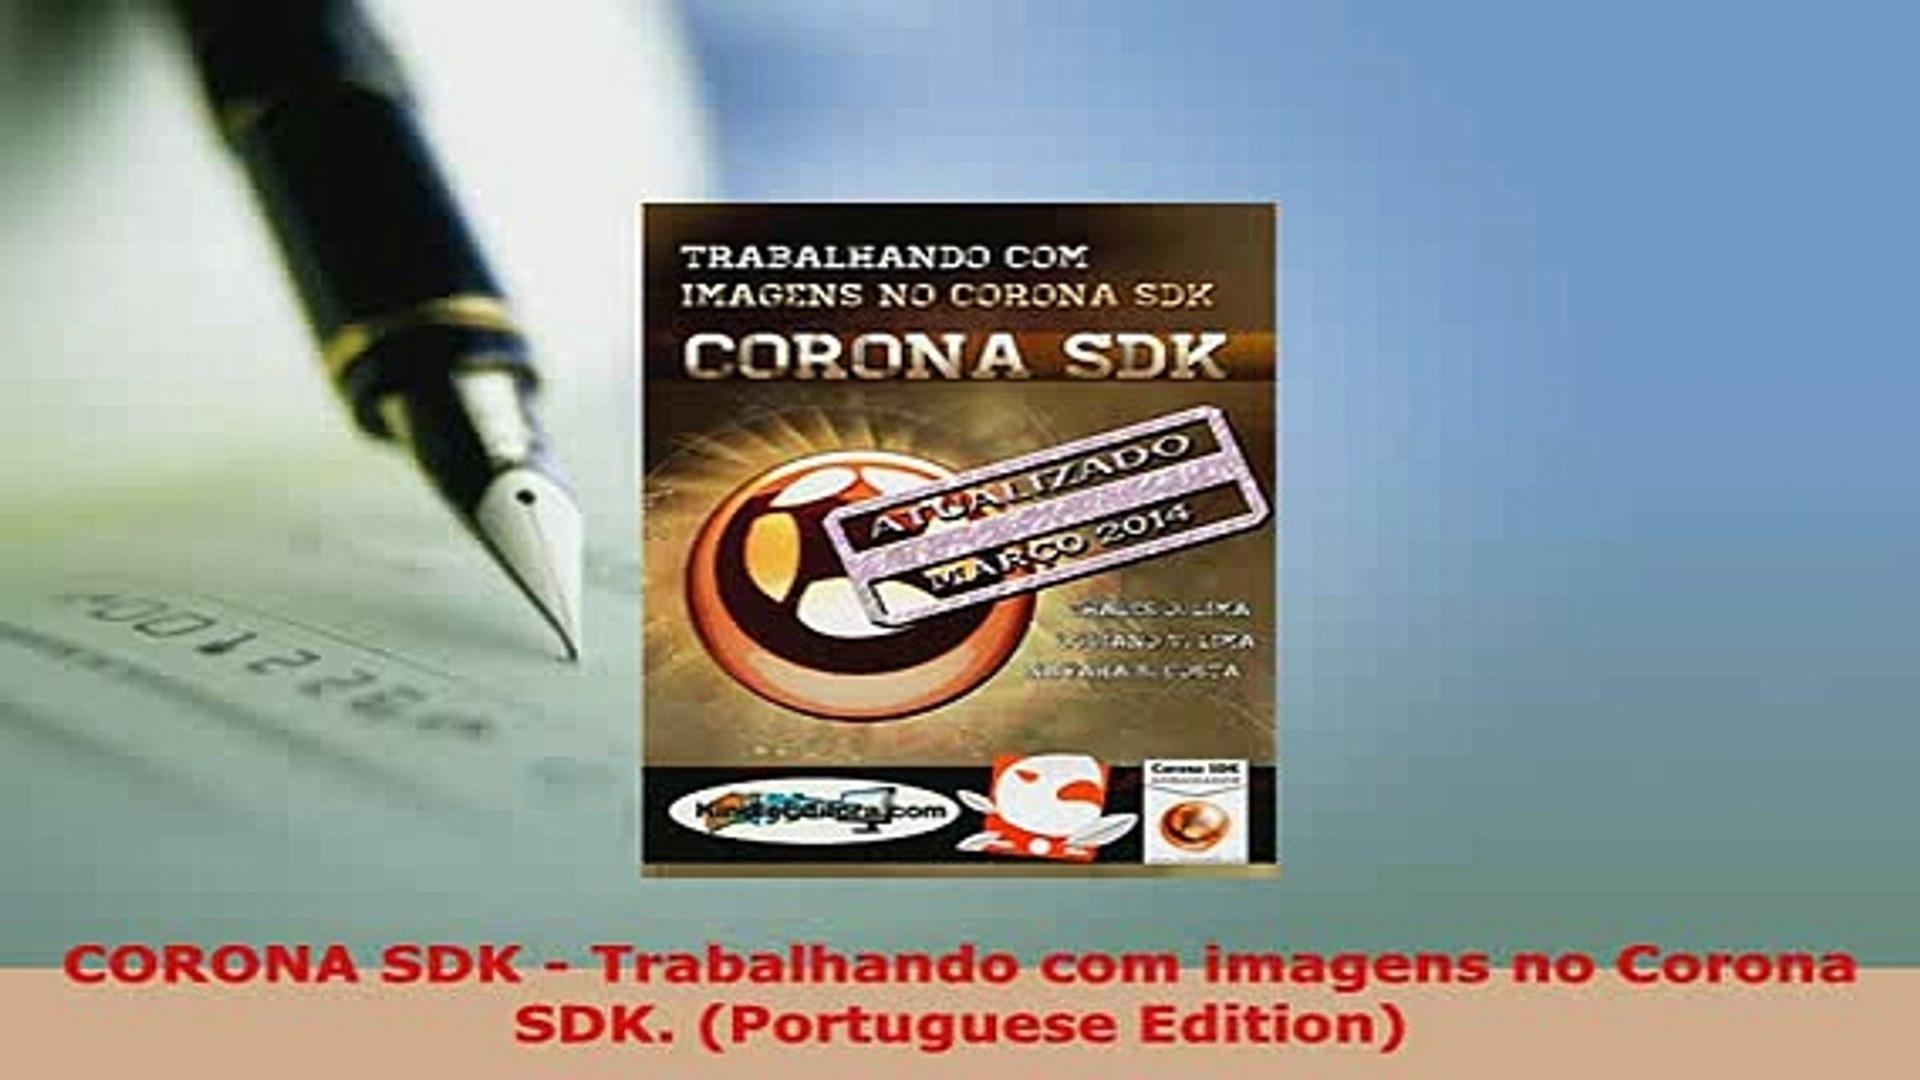 Download  CORONA SDK  Trabalhando com imagens no Corona SDK Portuguese Edition Free Books